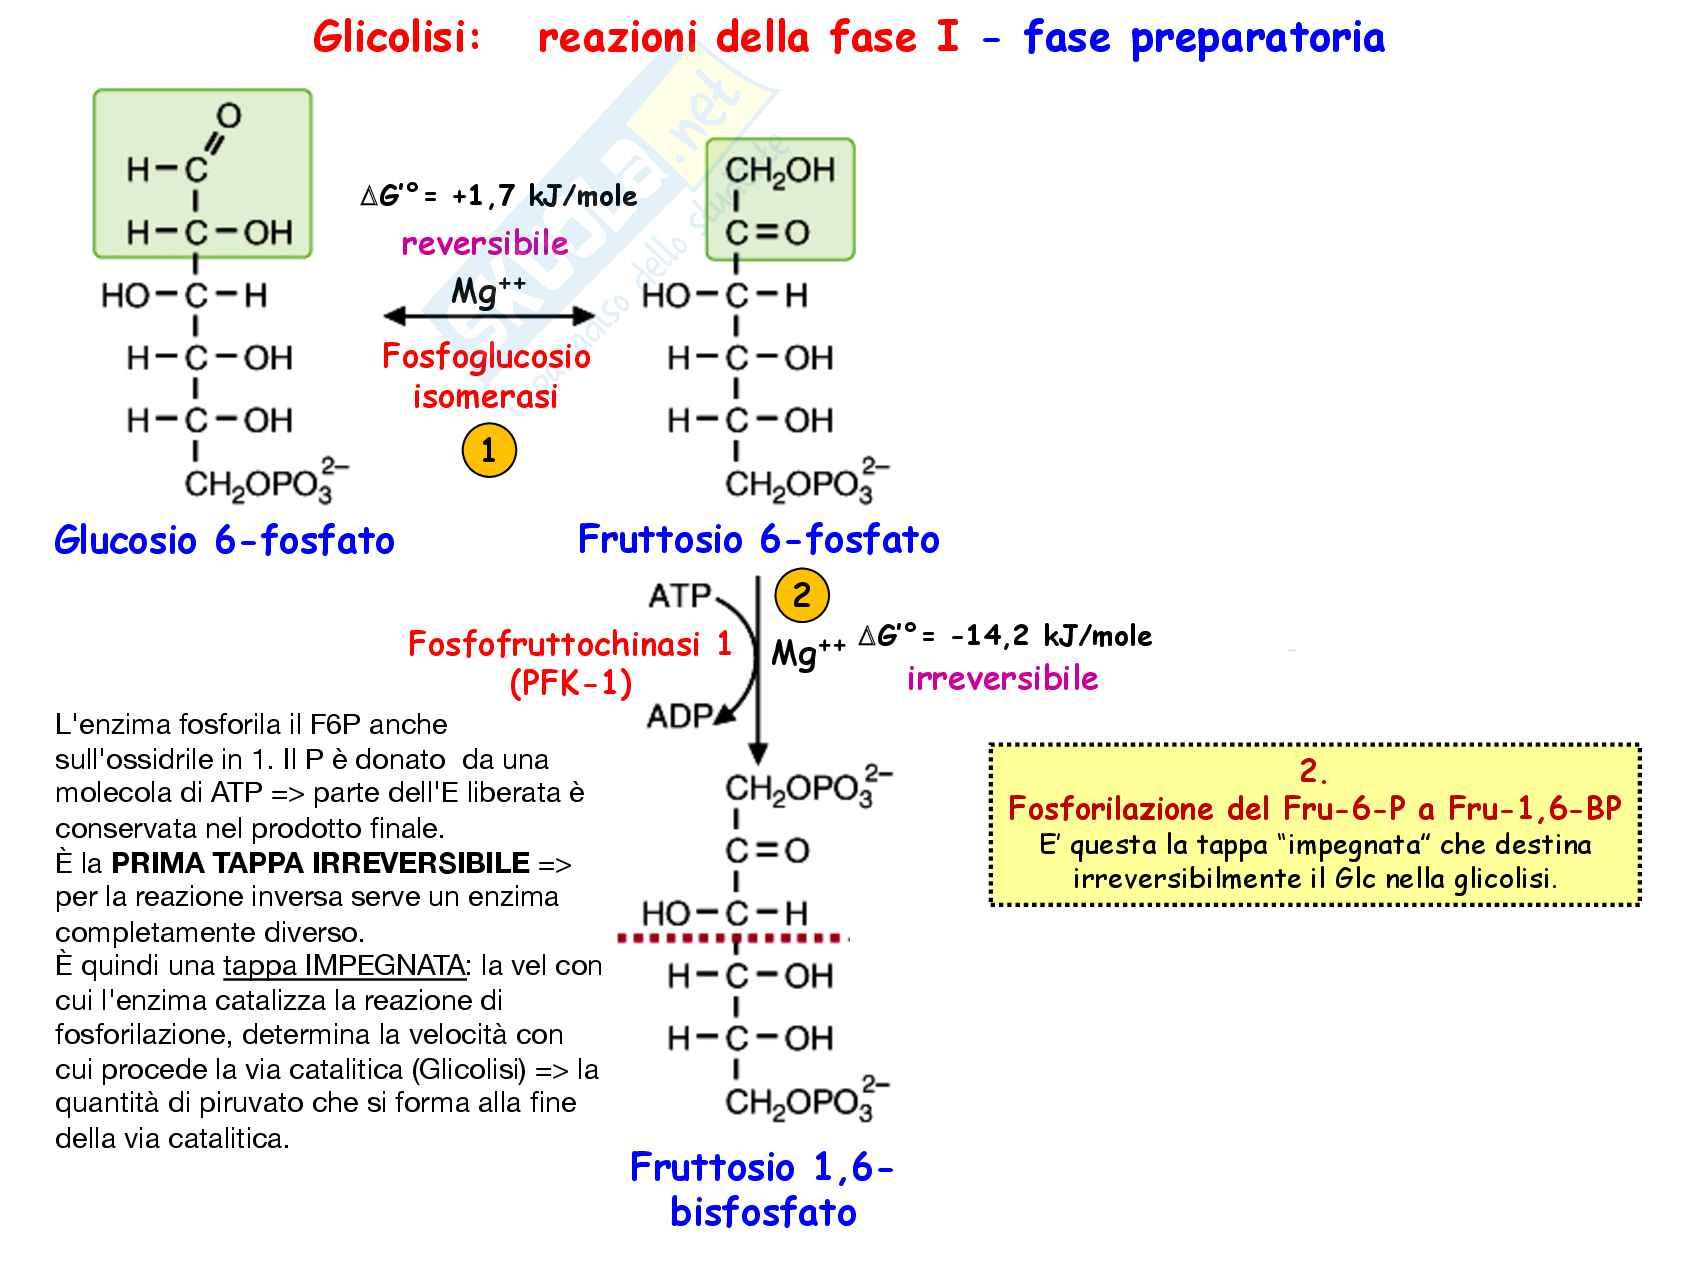 3 Glicolisi e destini metabolici del piruvato, reazioni chimiche, regolazione e funzioni Pag. 16